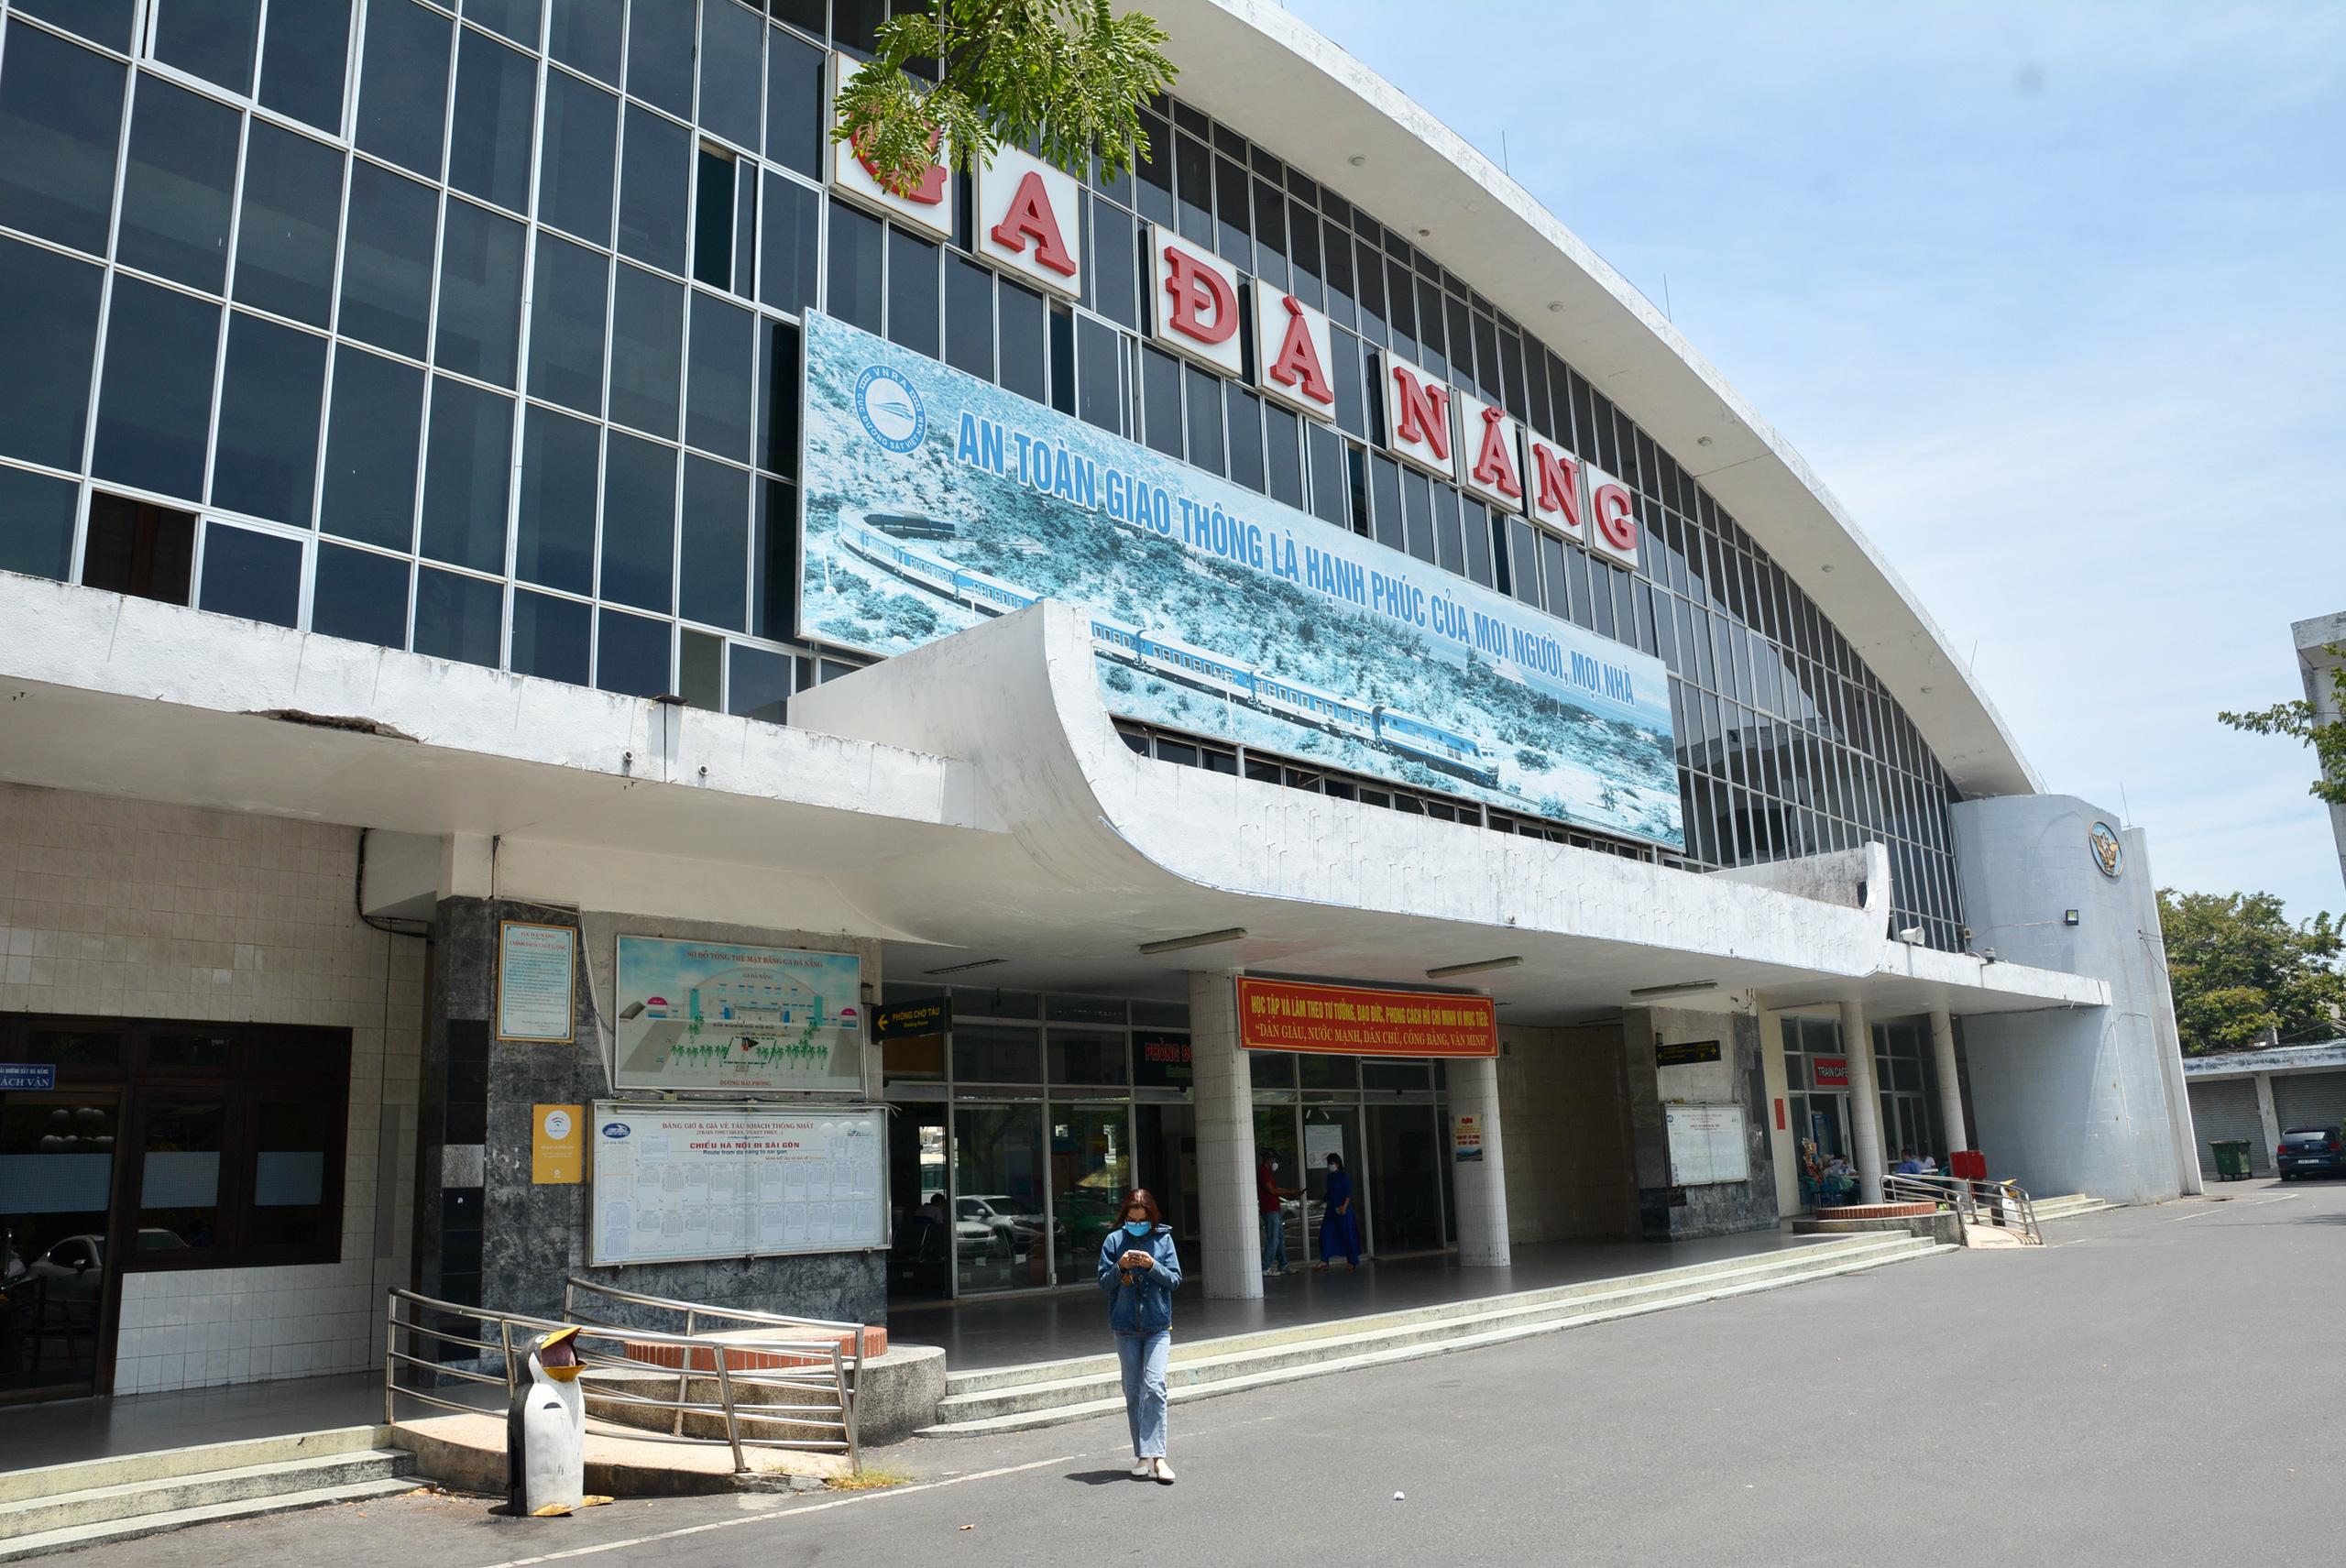 Đà Nẵng quy hoạch mở đường Hoàng Hoa Thám xuyên qua Ga đường sắt đến đường Nguyễn Tất Thành - Ảnh 12.